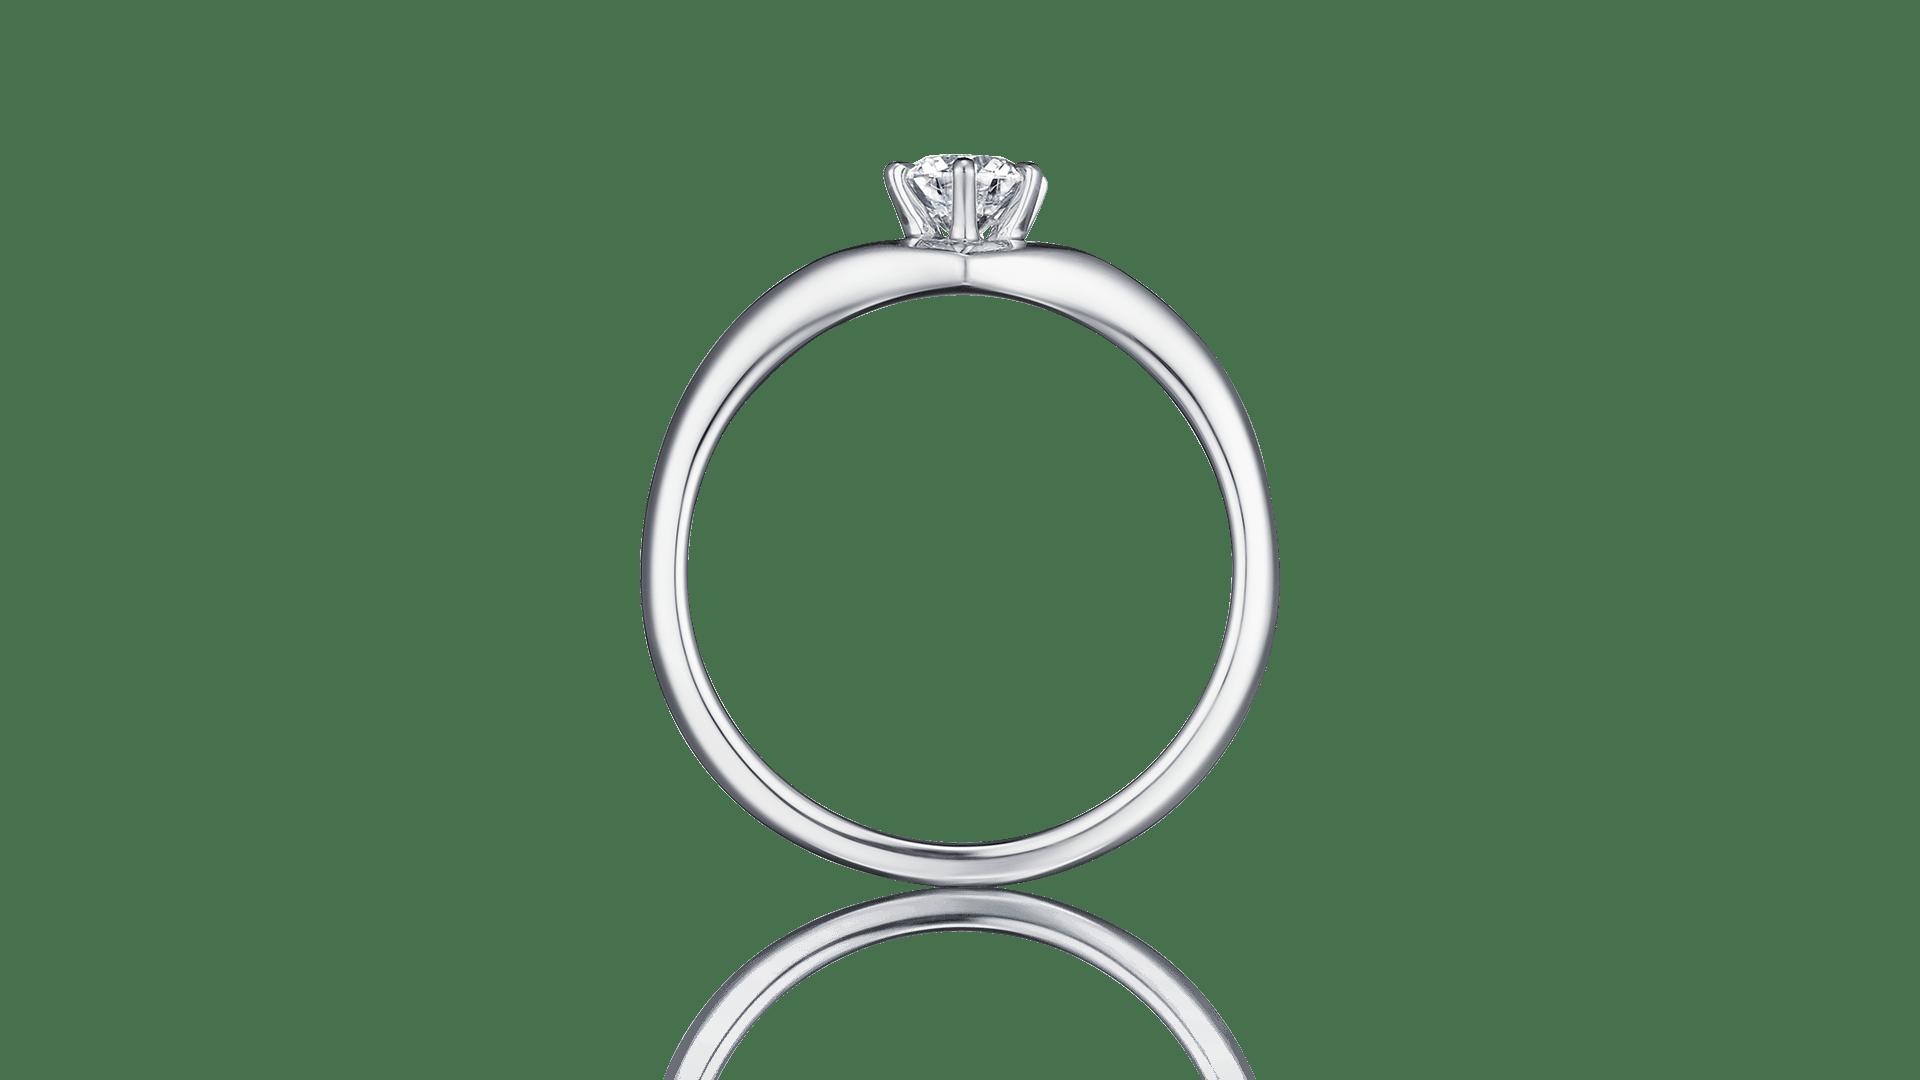 volantis ヴォラティス | 婚約指輪サムネイル 2